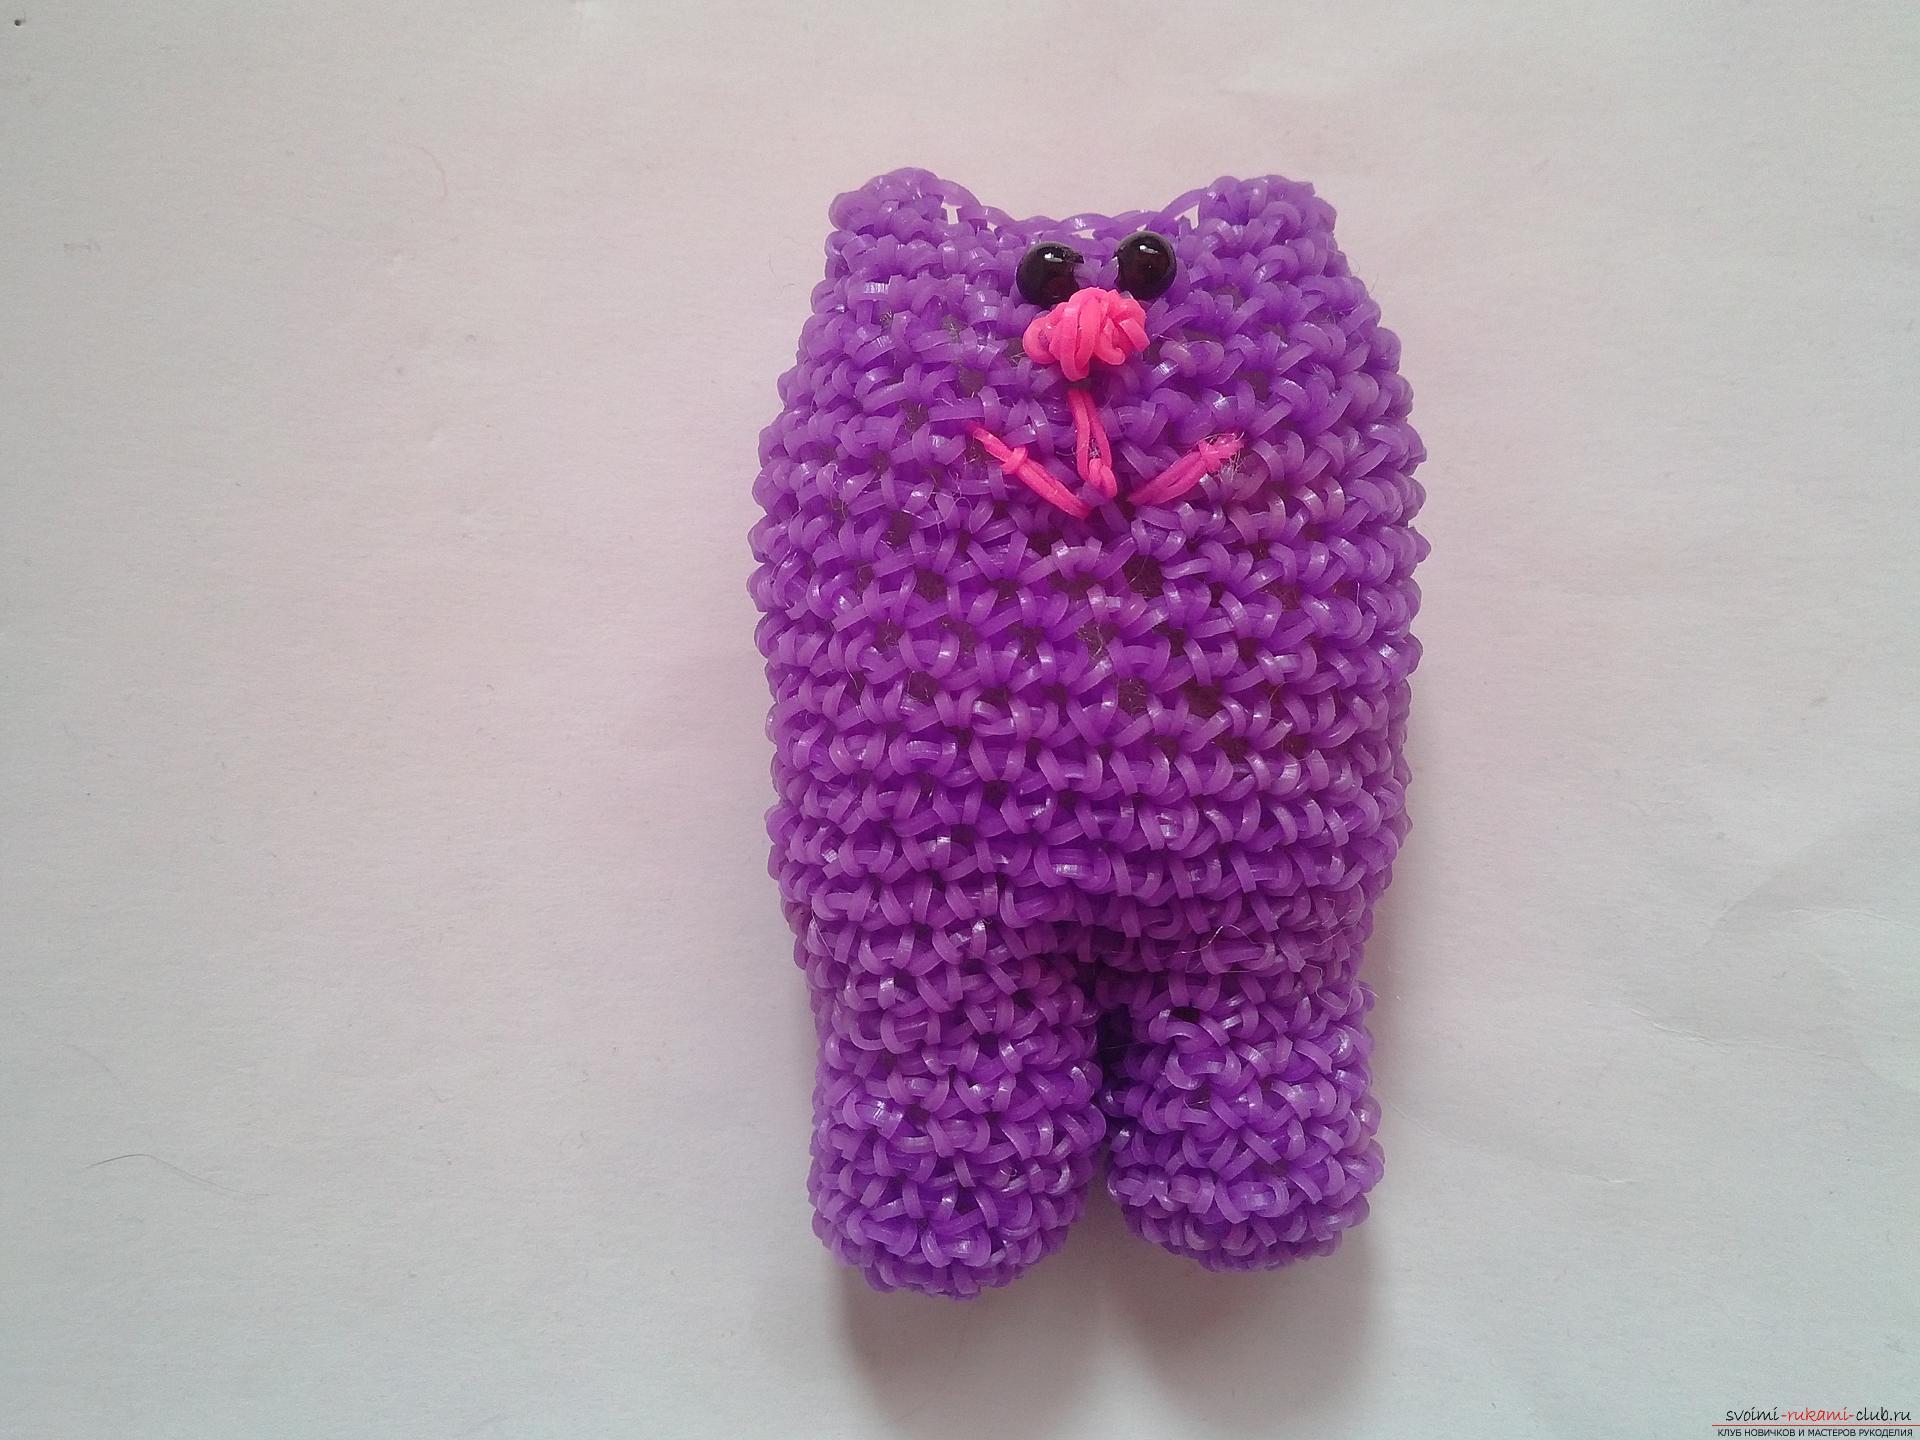 Этот мастер-класс плетения из резиночек расскажет как сделать своими руками котика с сердечком